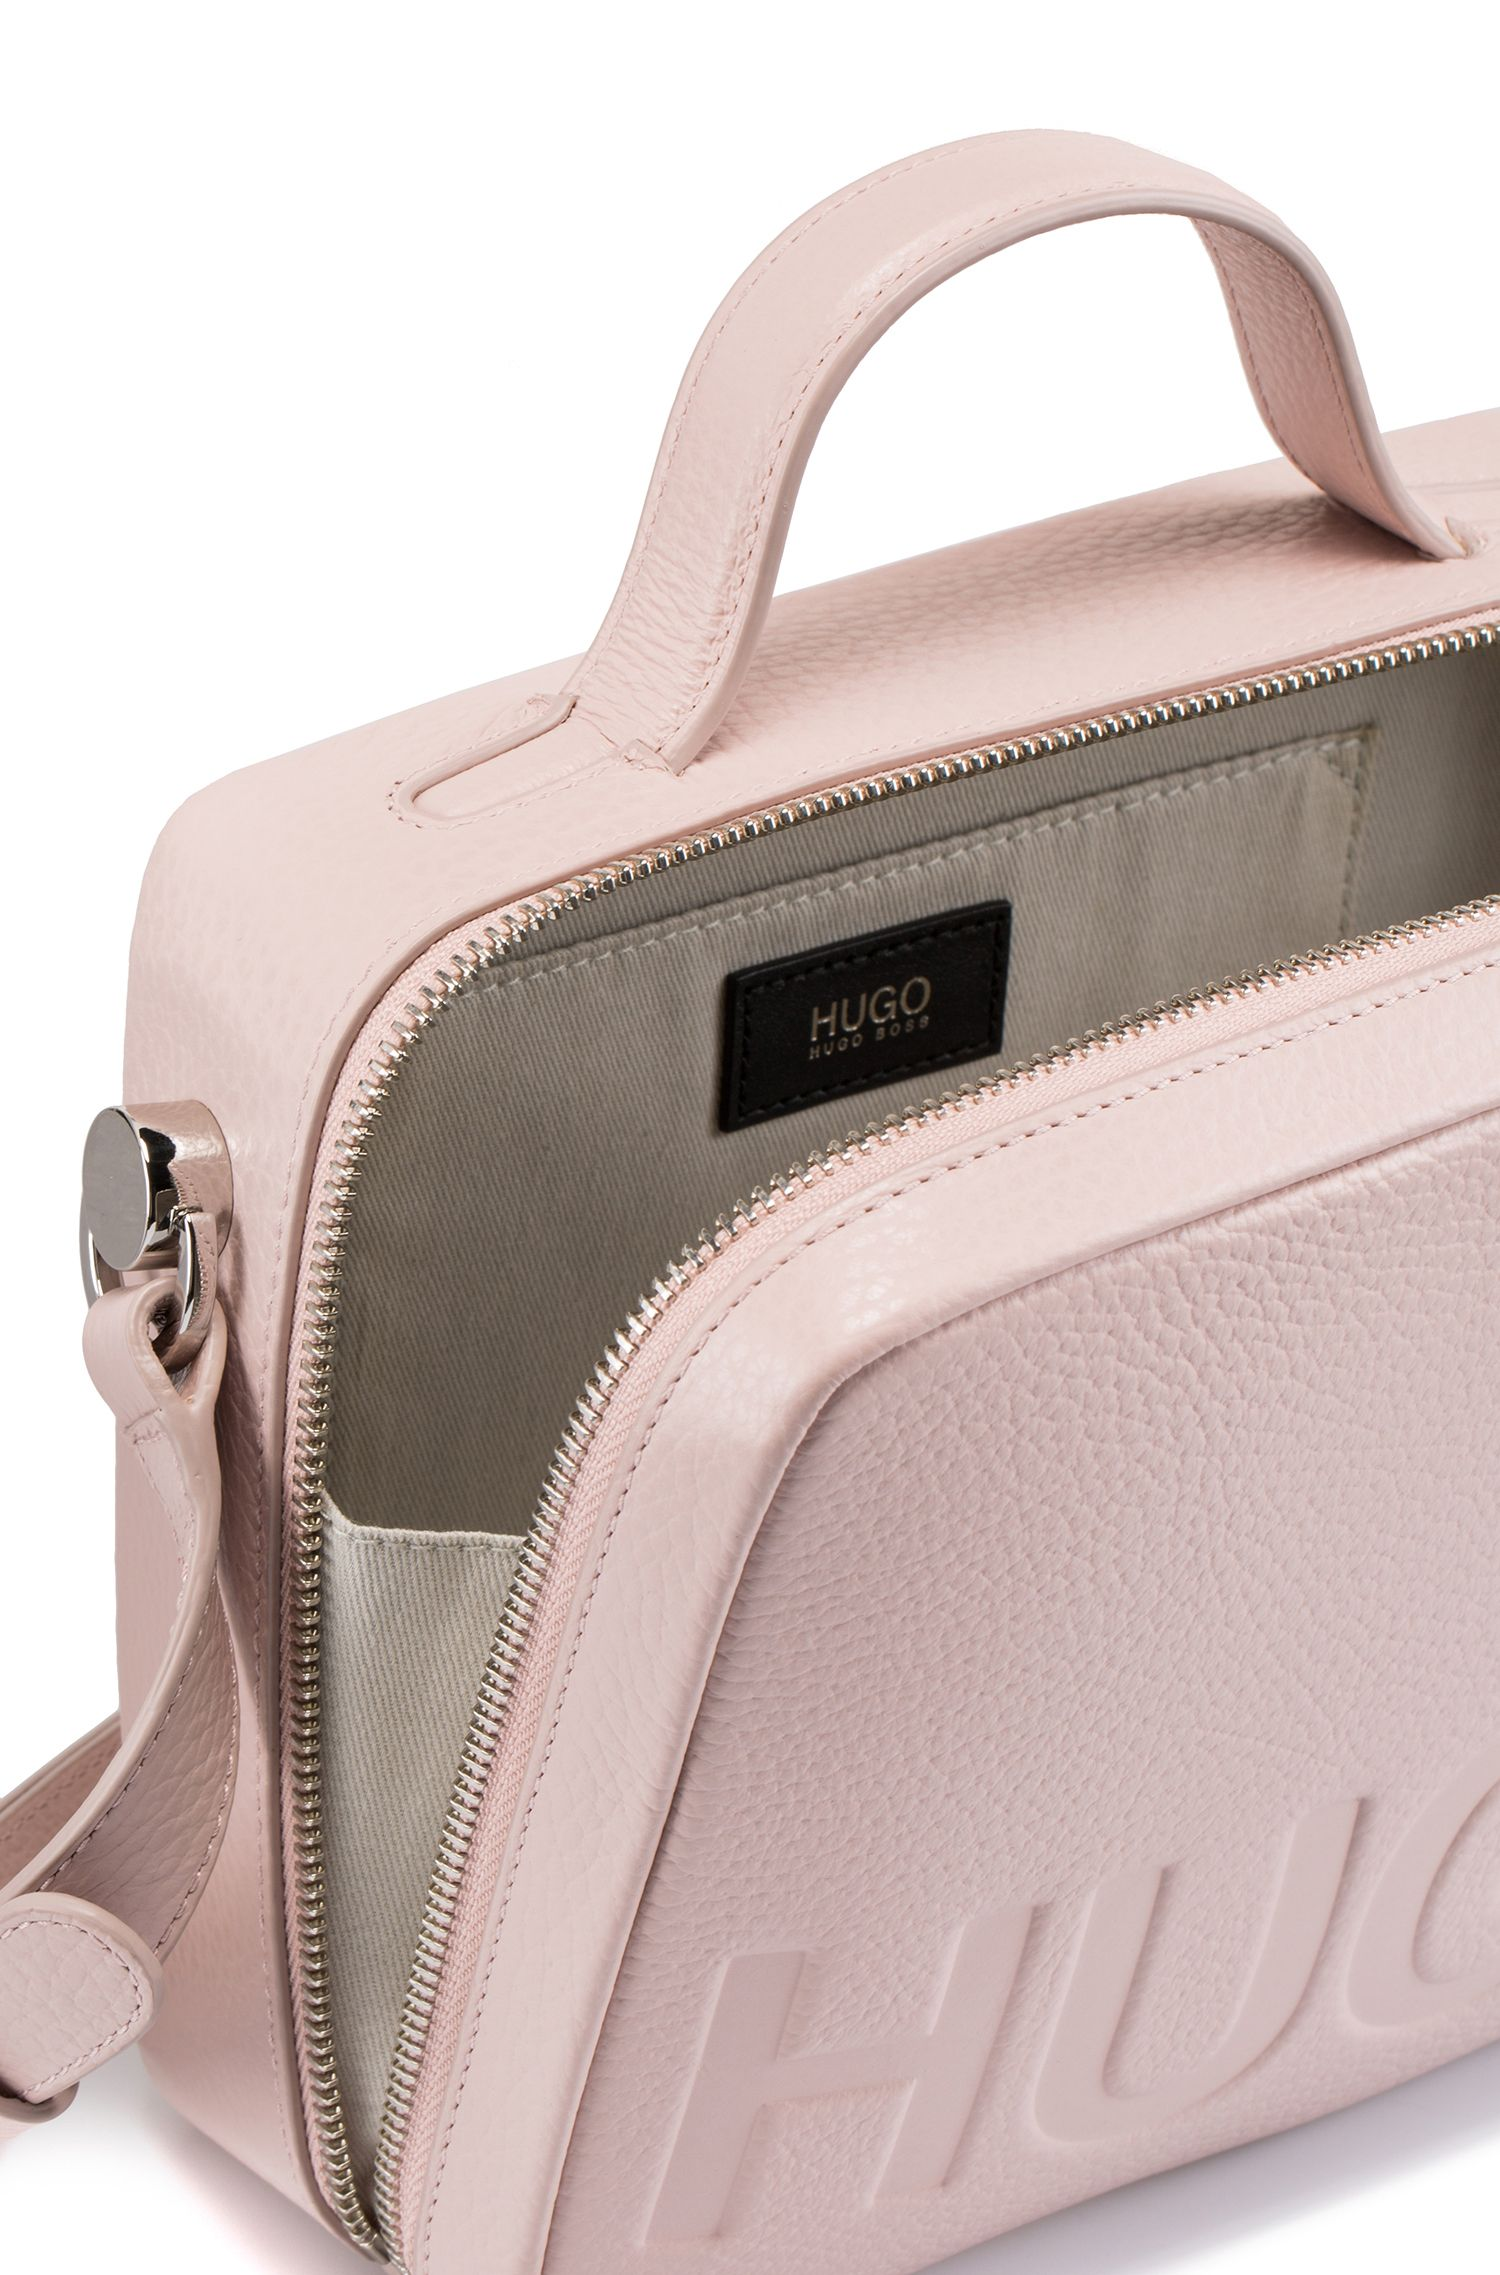 Leather shoulder bag with embossed logo, light pink